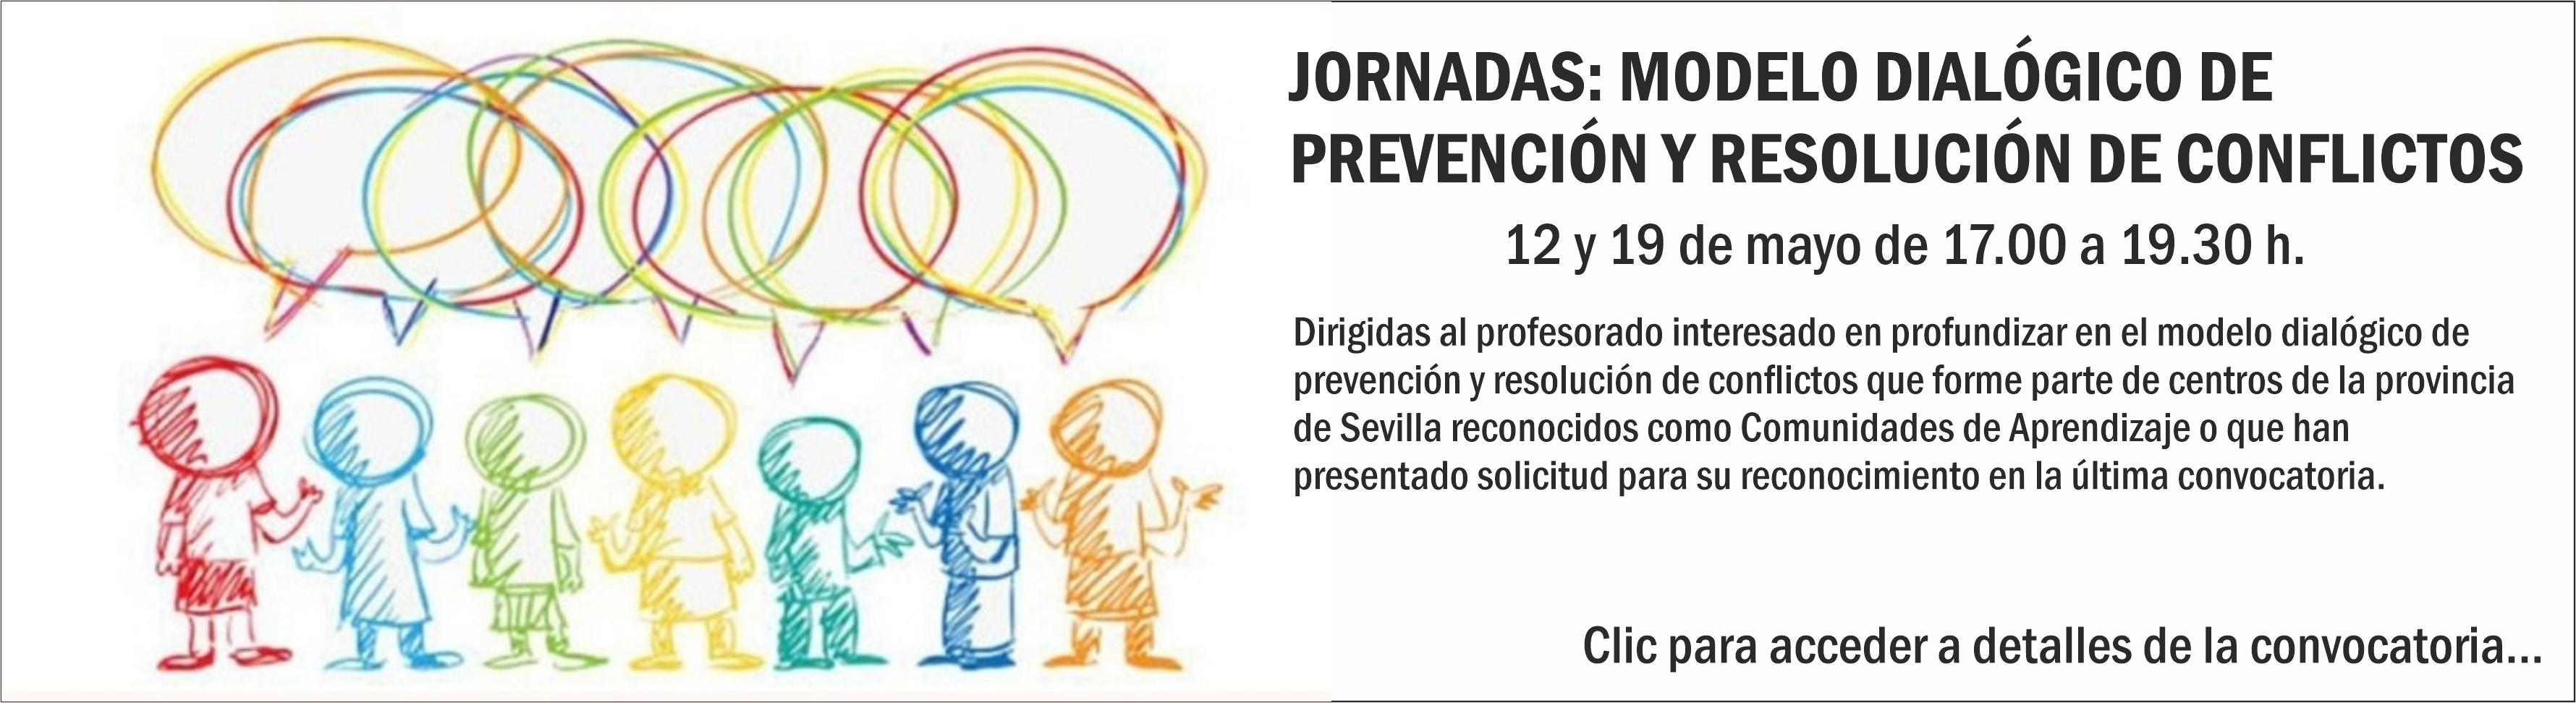 JORNADAS: MODELO DIALÓGICO DE PREVENCIÓN Y RESOLUCIÓN DE CONFLICTOS